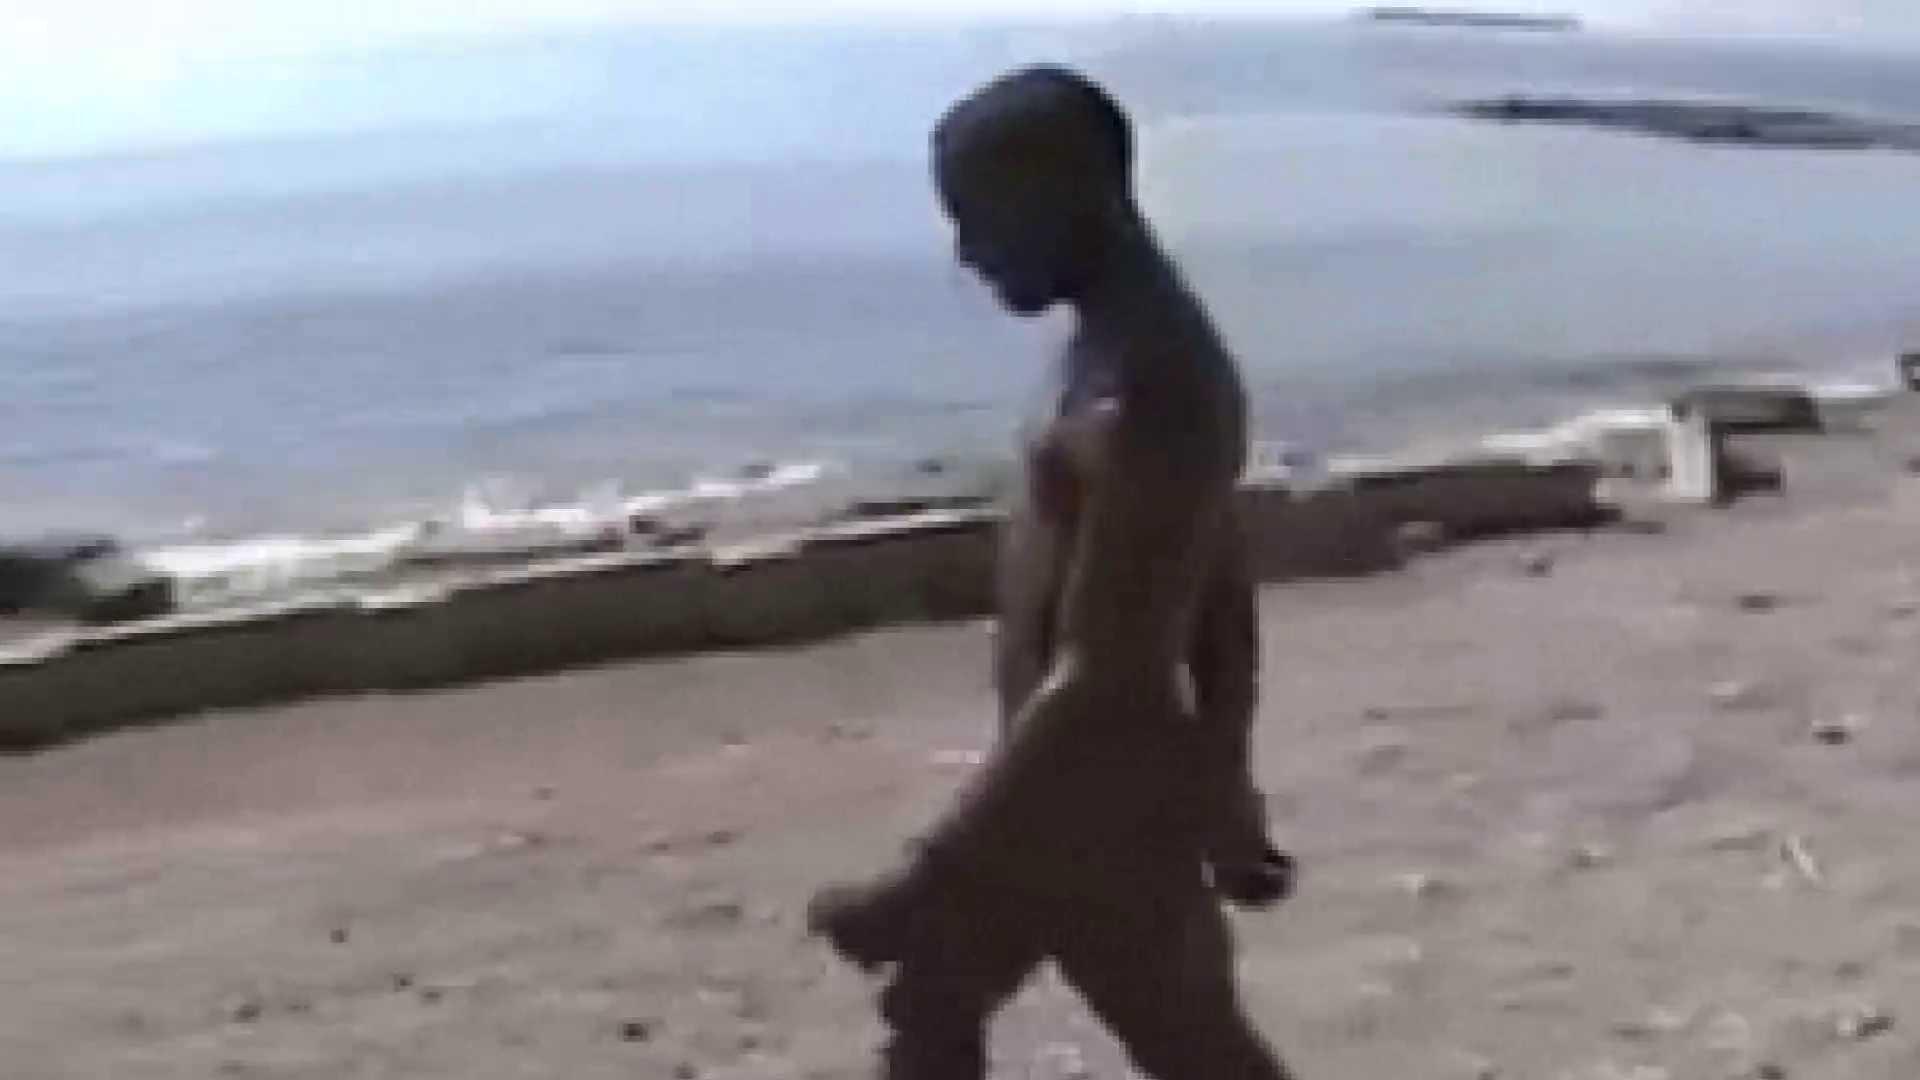 野生児 黒人のオナニー オナニー | 無修正 アダルトビデオ画像キャプチャ 109pic 109